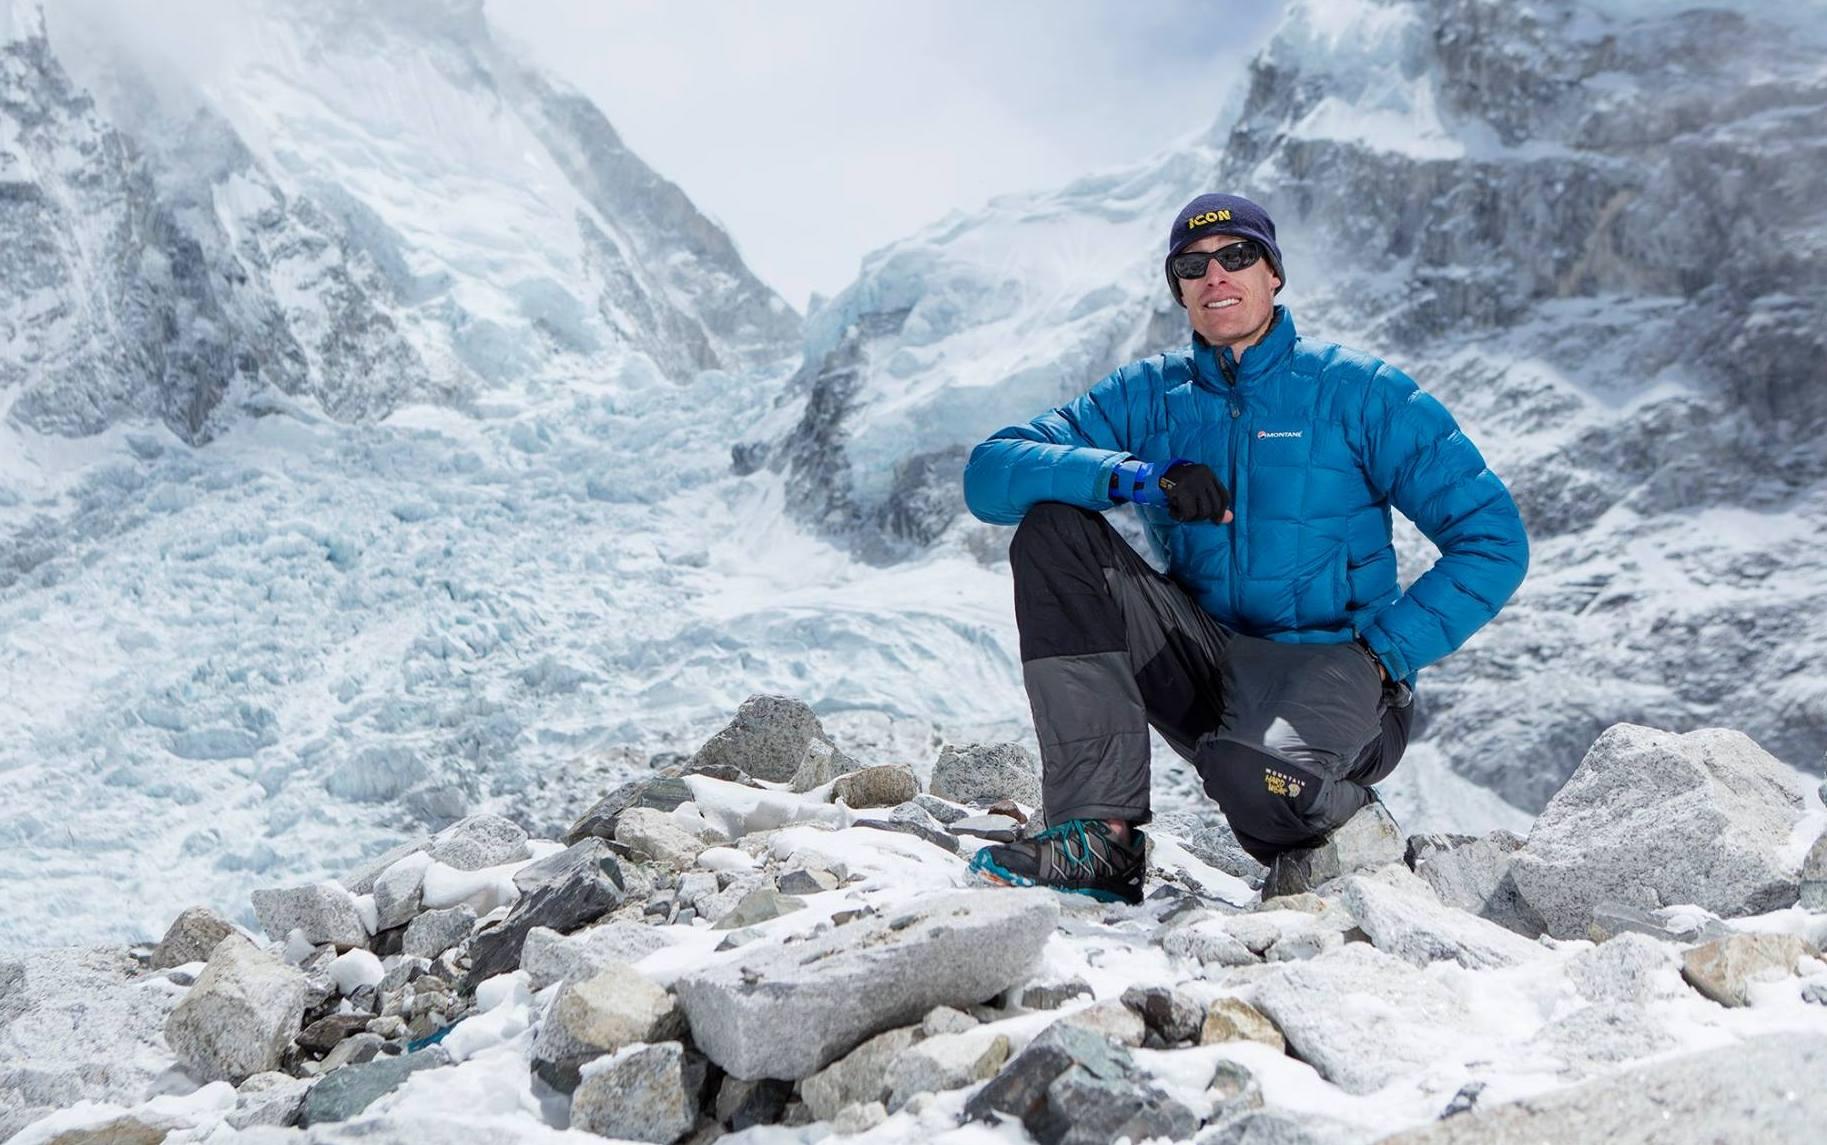 Австралийский альпинист совершил самое быстрое восхождение на 7 вершин